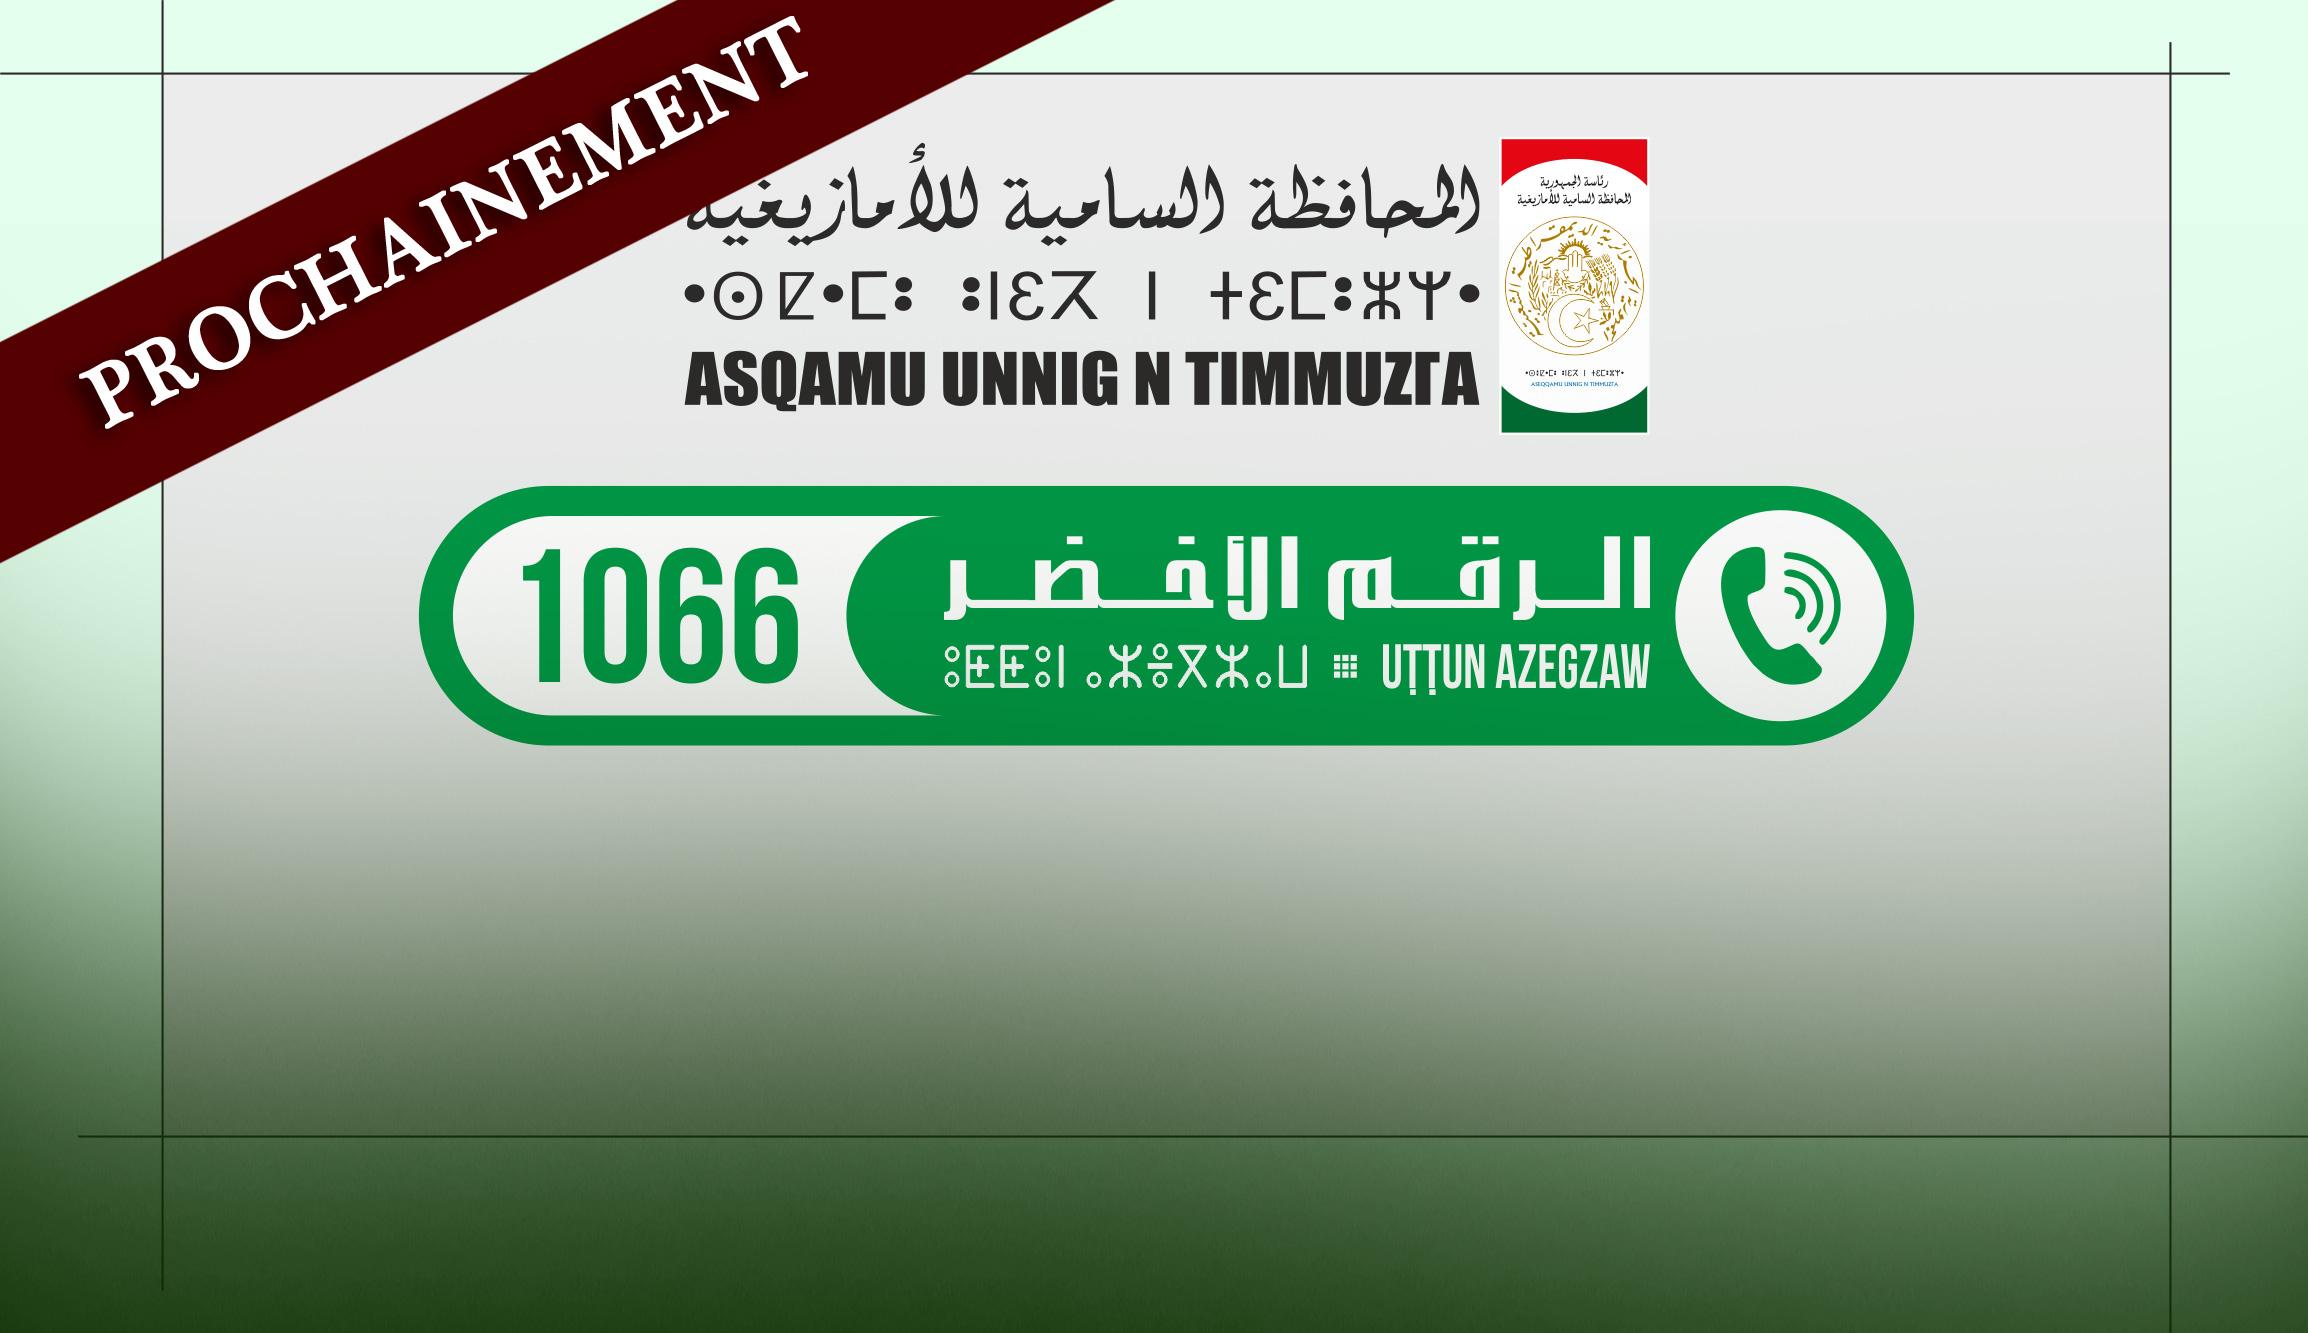 APS - Le HCA lancera ''prochainement'' un numéro vert de la traduction vers le tamazight